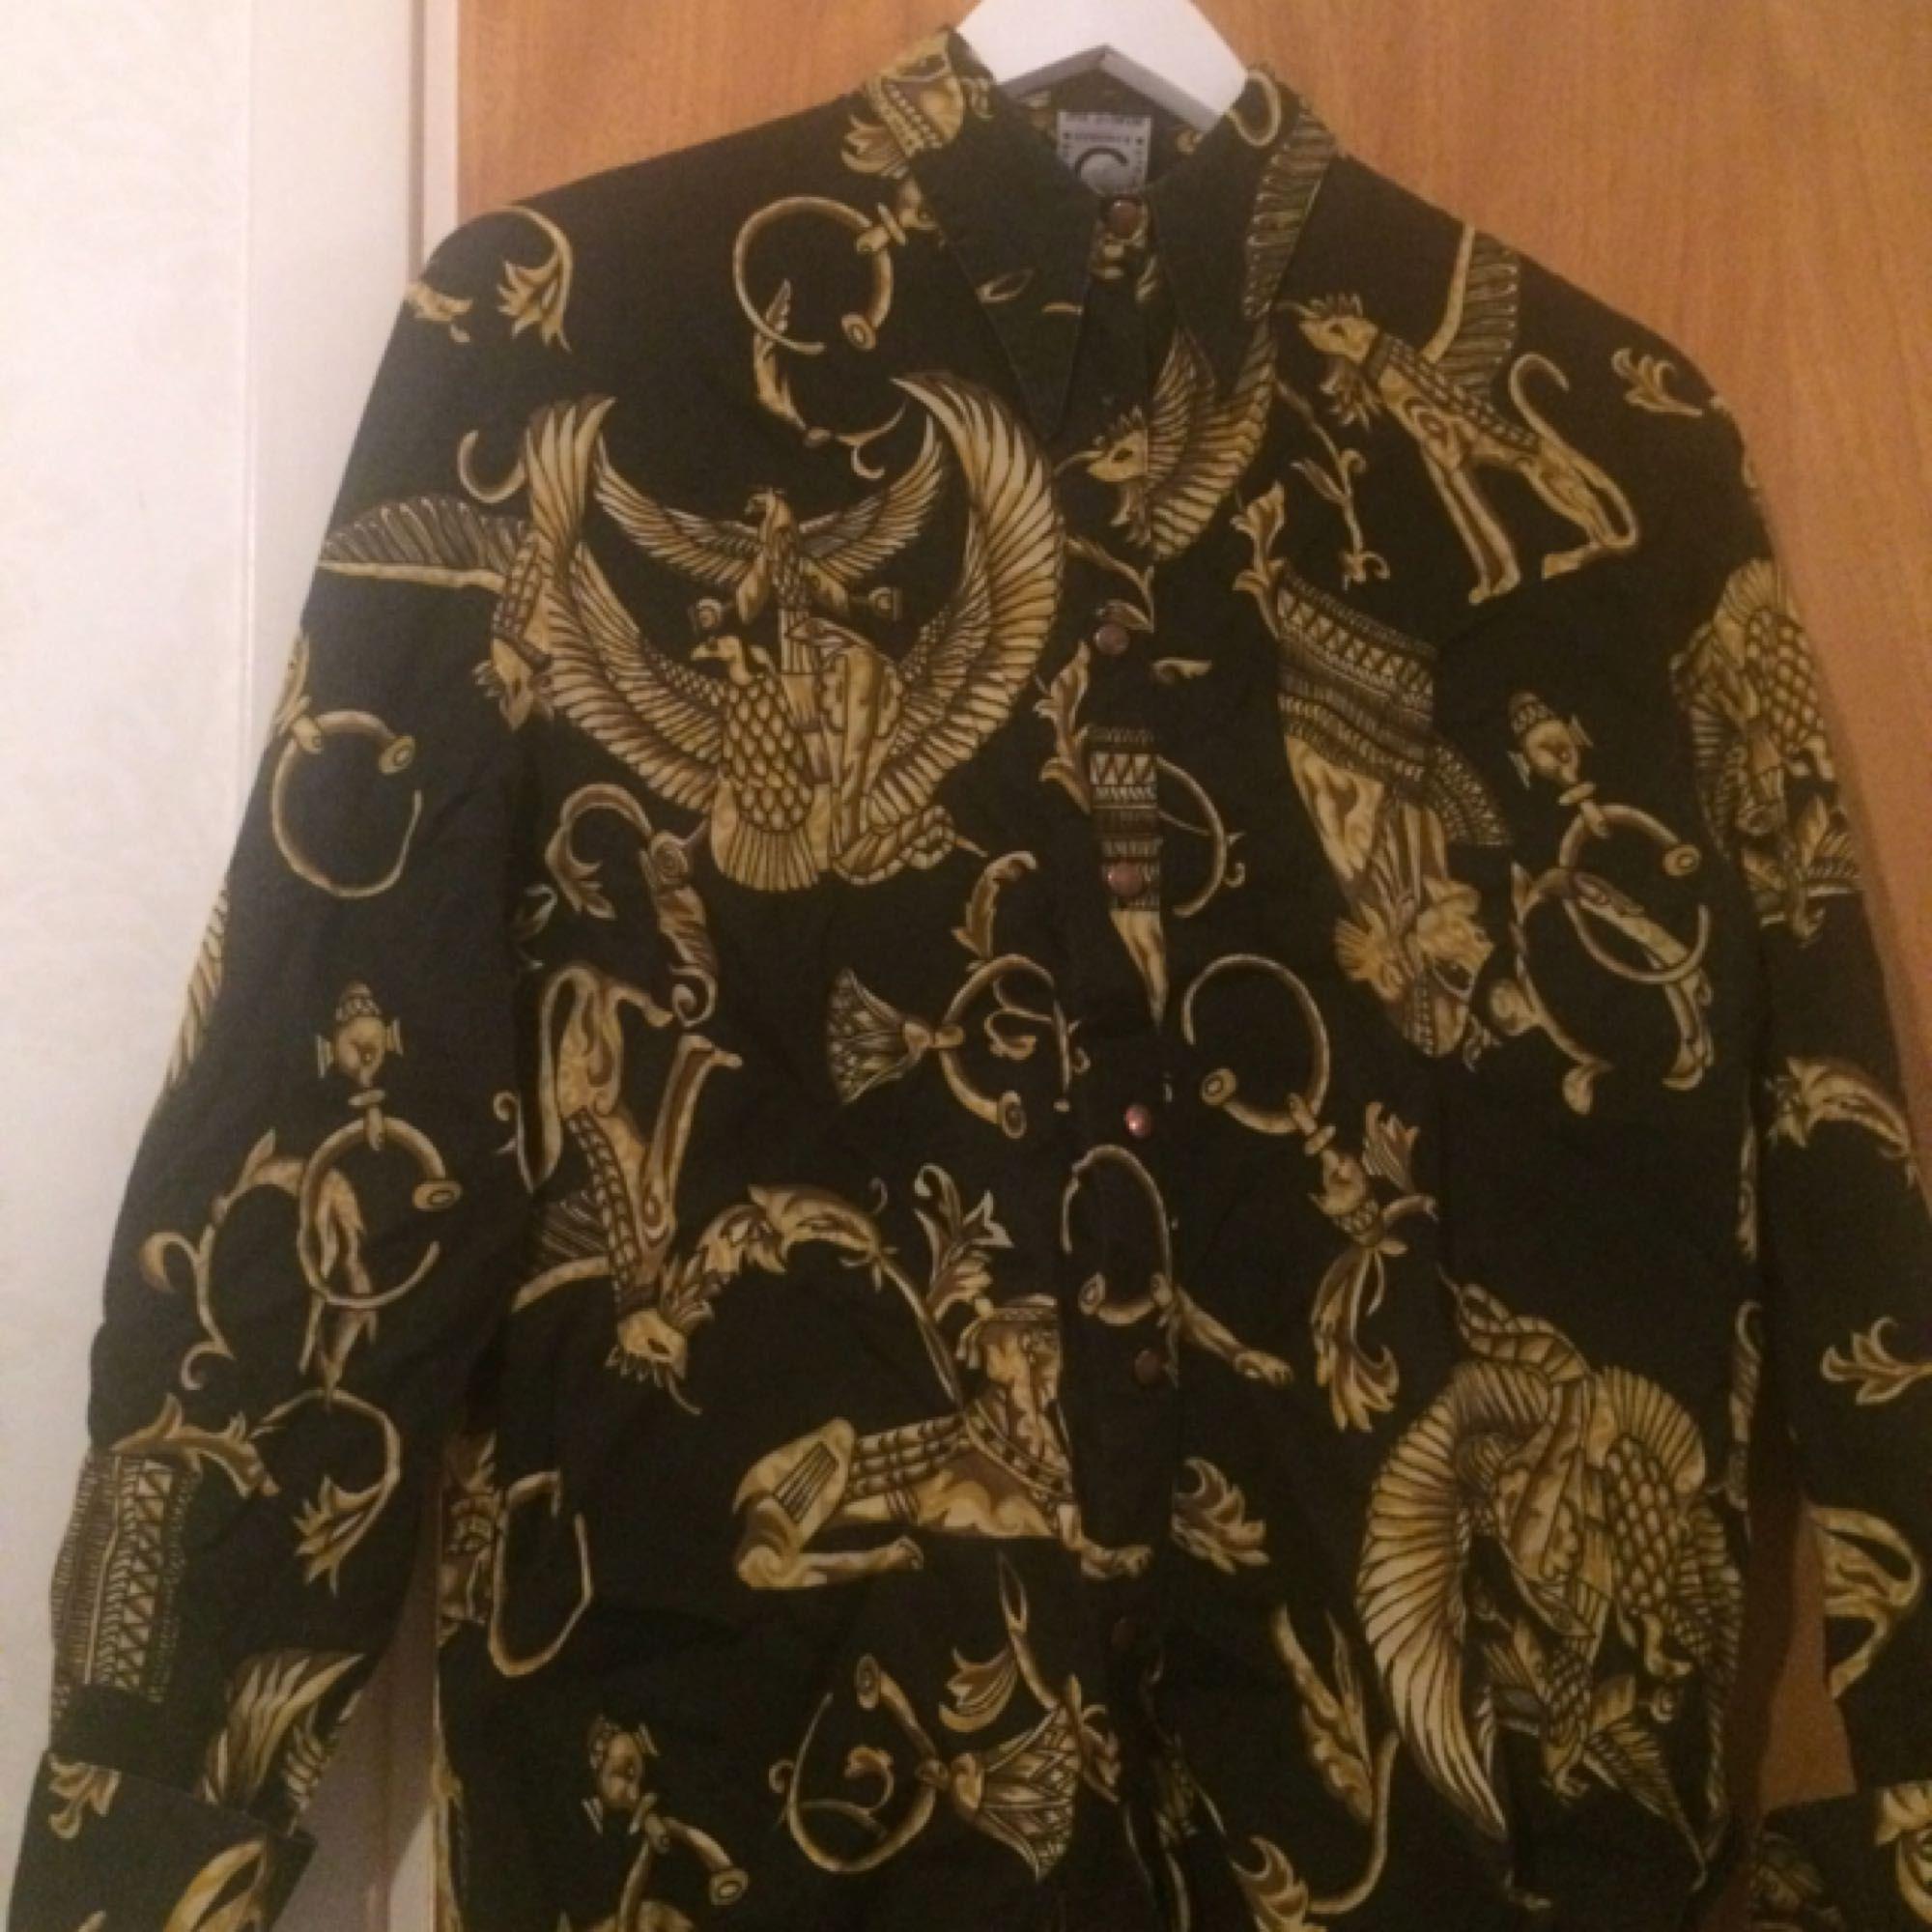 Vintageskjorta med mässingknappar i stl S/M. Skjortor.